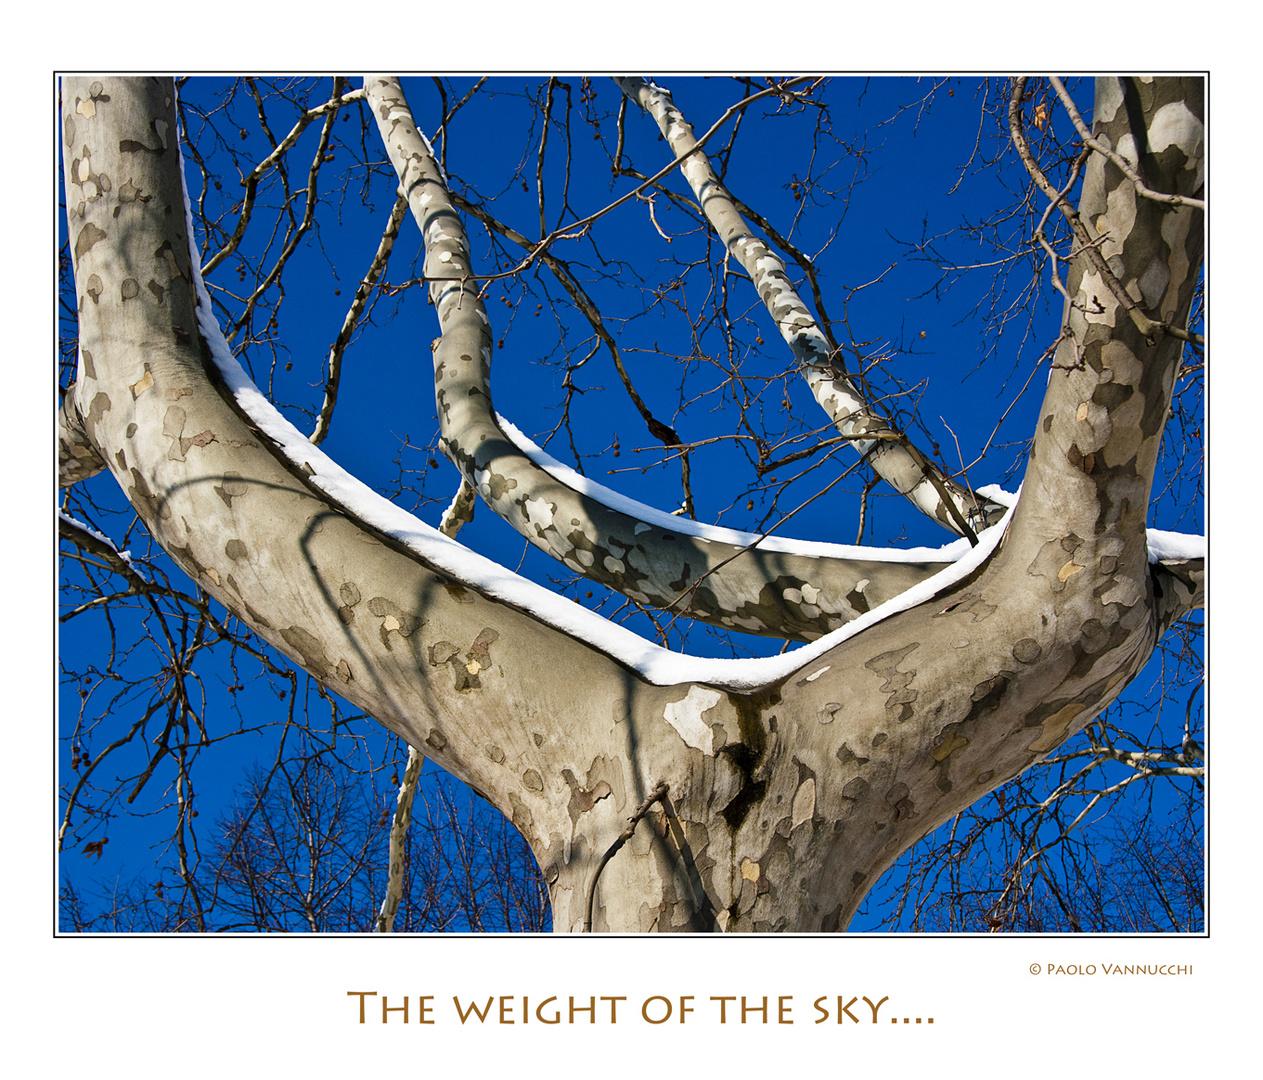 Il peso del cielo ....